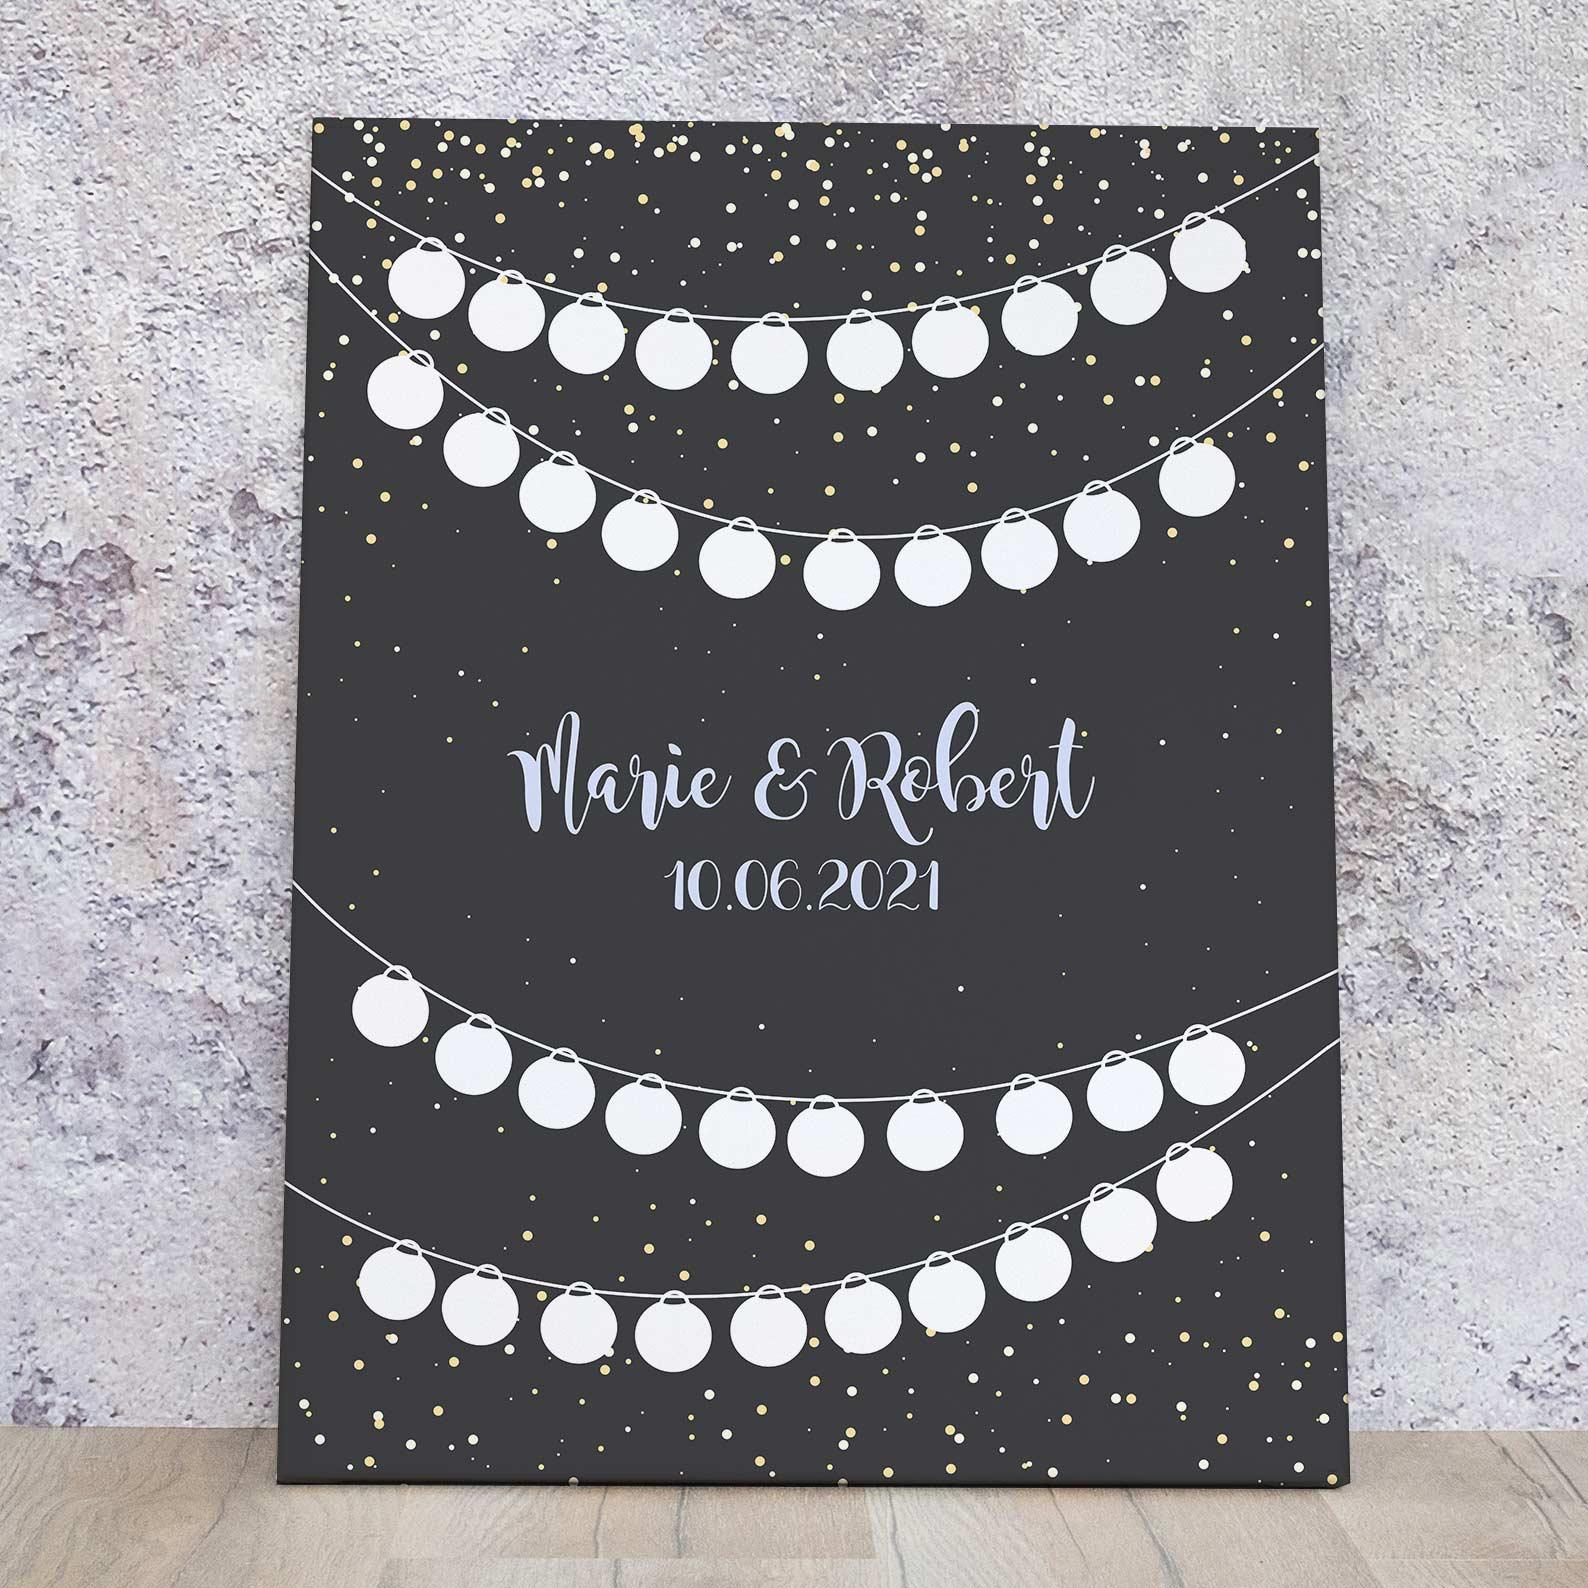 Gästebuch Idee zur Hochzeit Lampion Leinwand 32 bzw. 40